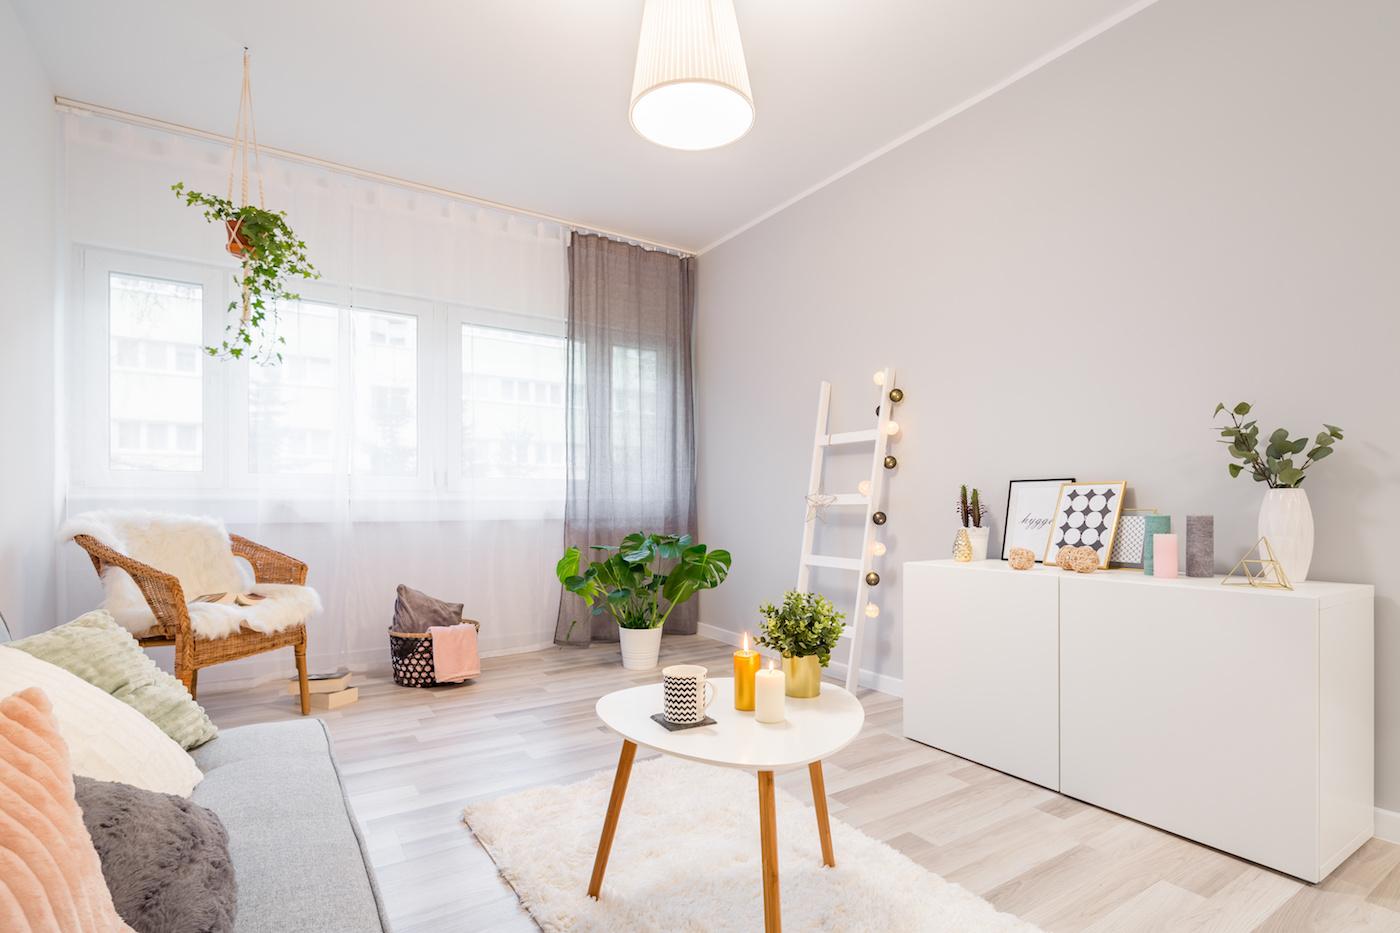 Consigli Per La Casa consigli per arredare casa in stile nordico | man casa